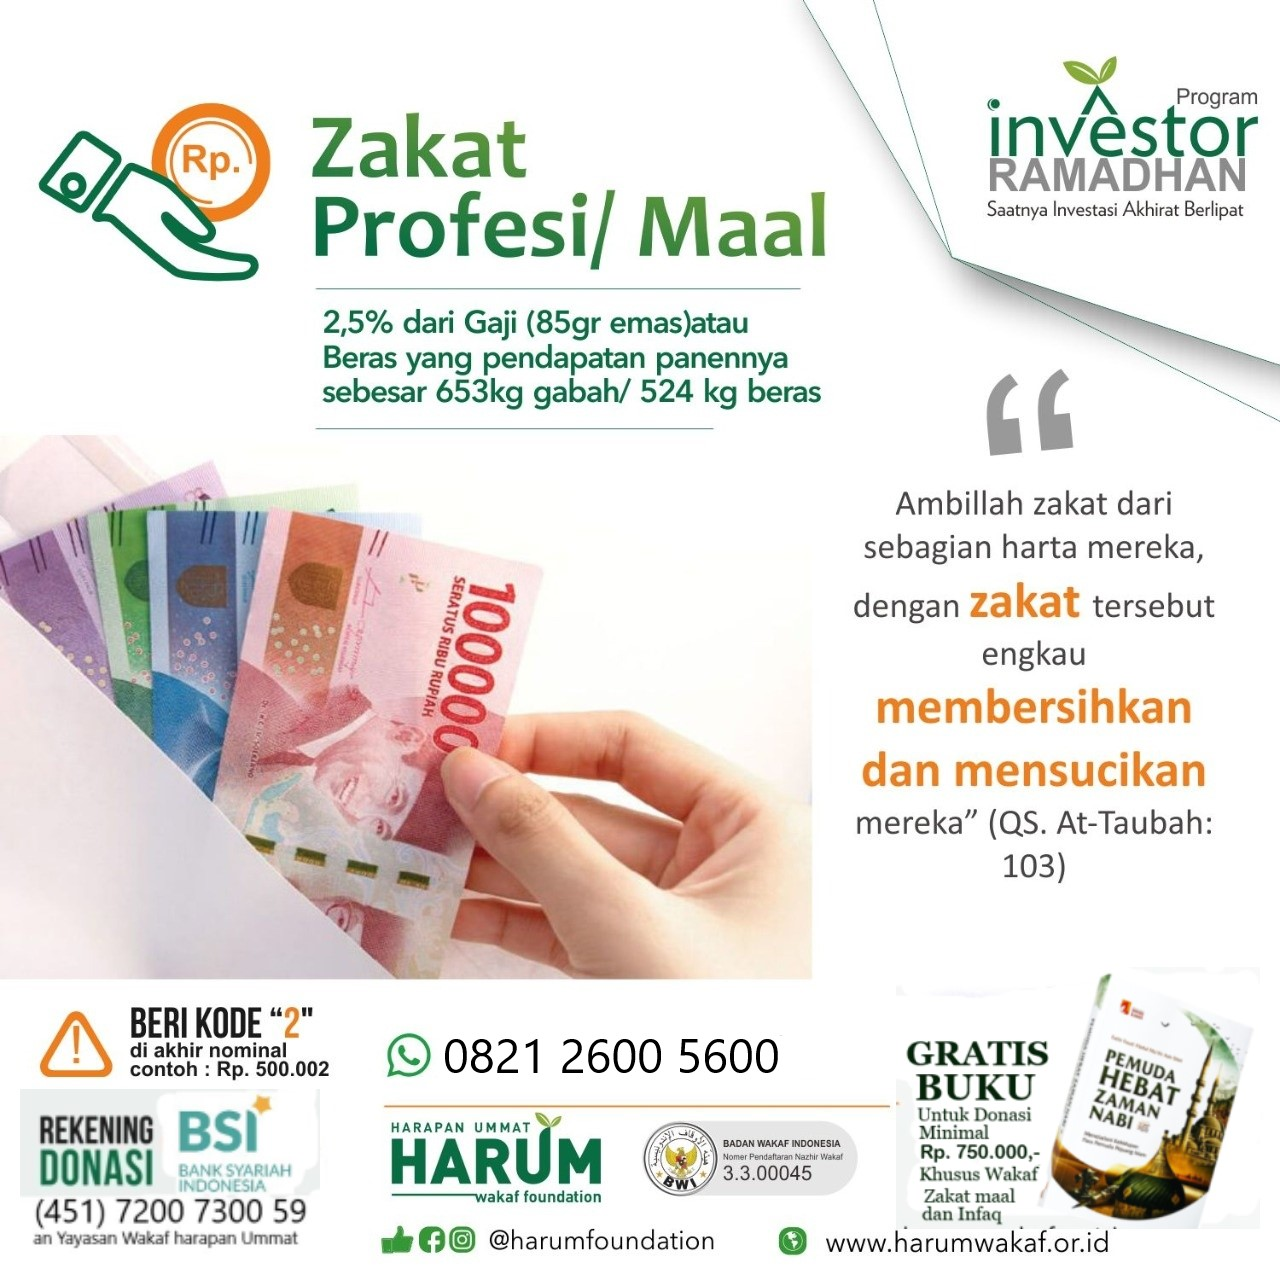 zakat-maal-profesi